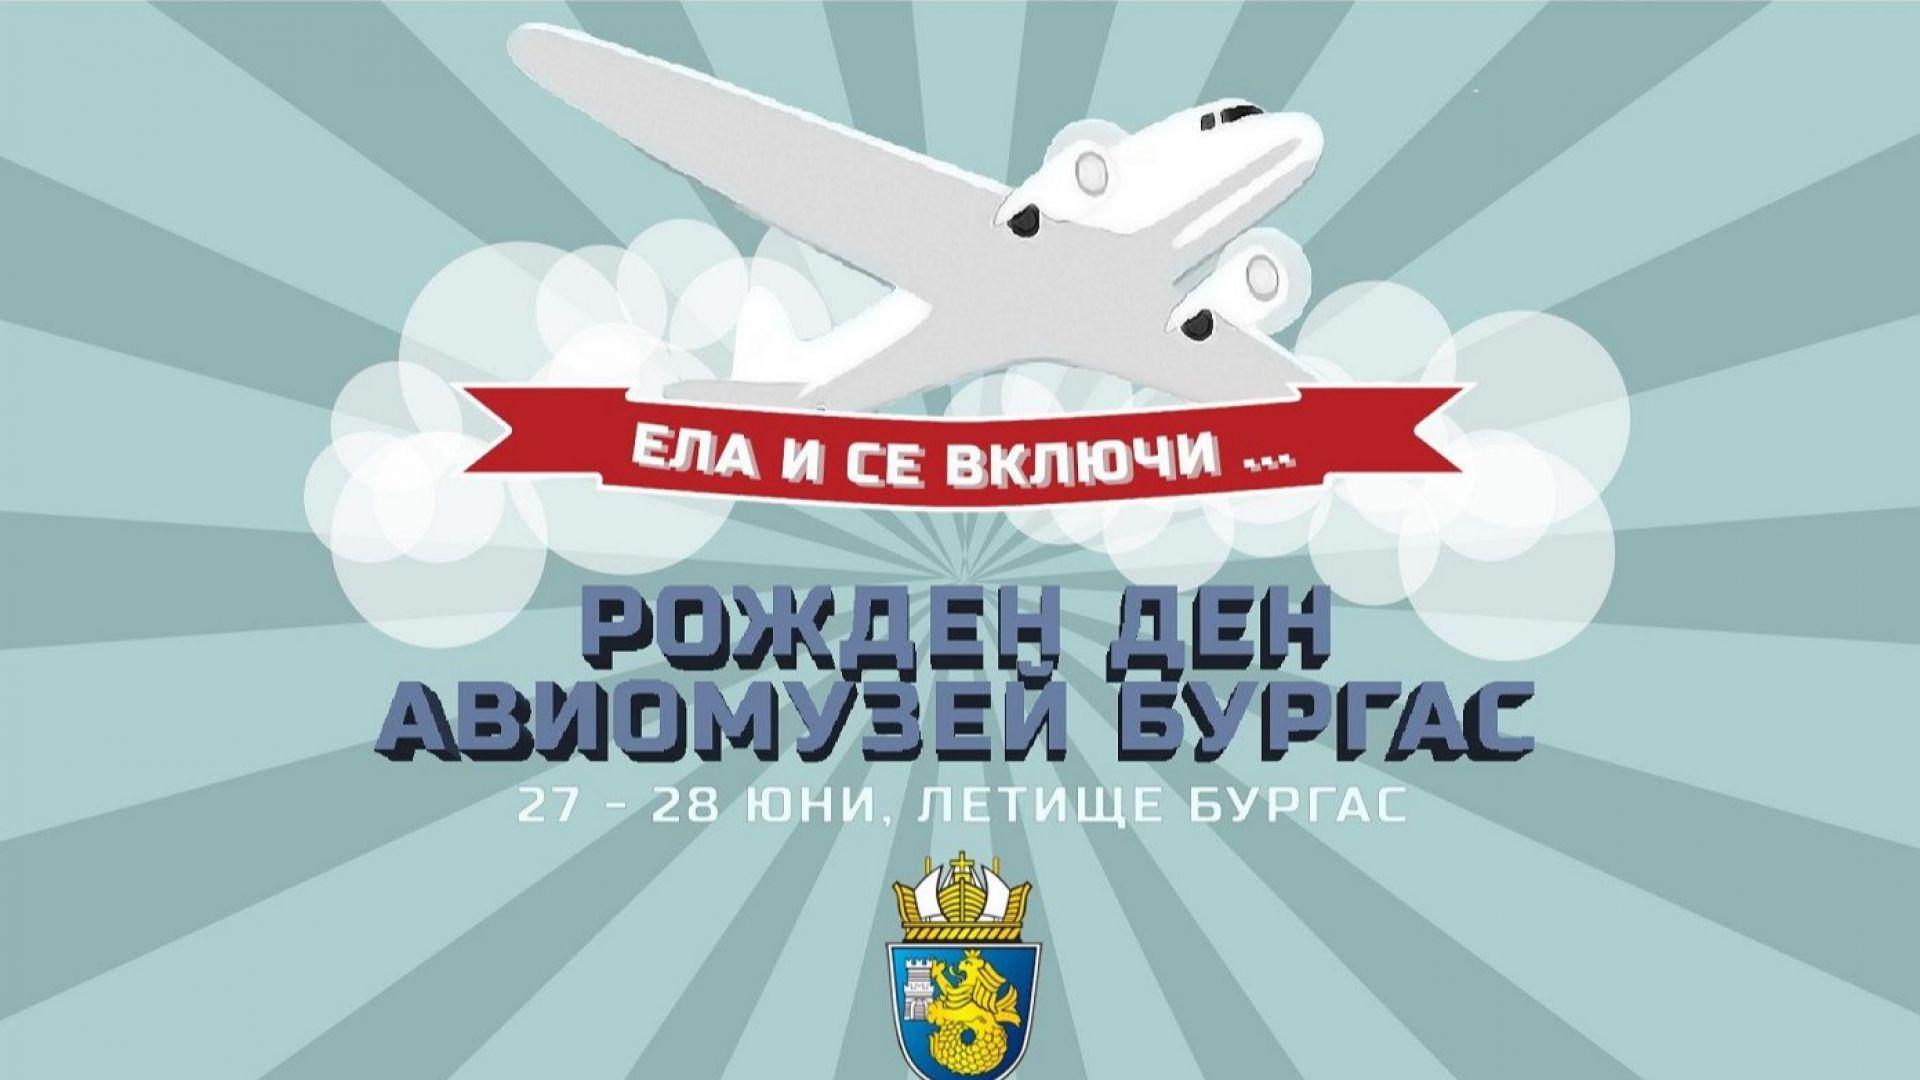 Авиомузей Бургас предизвиква децата на състезание с тротинетки